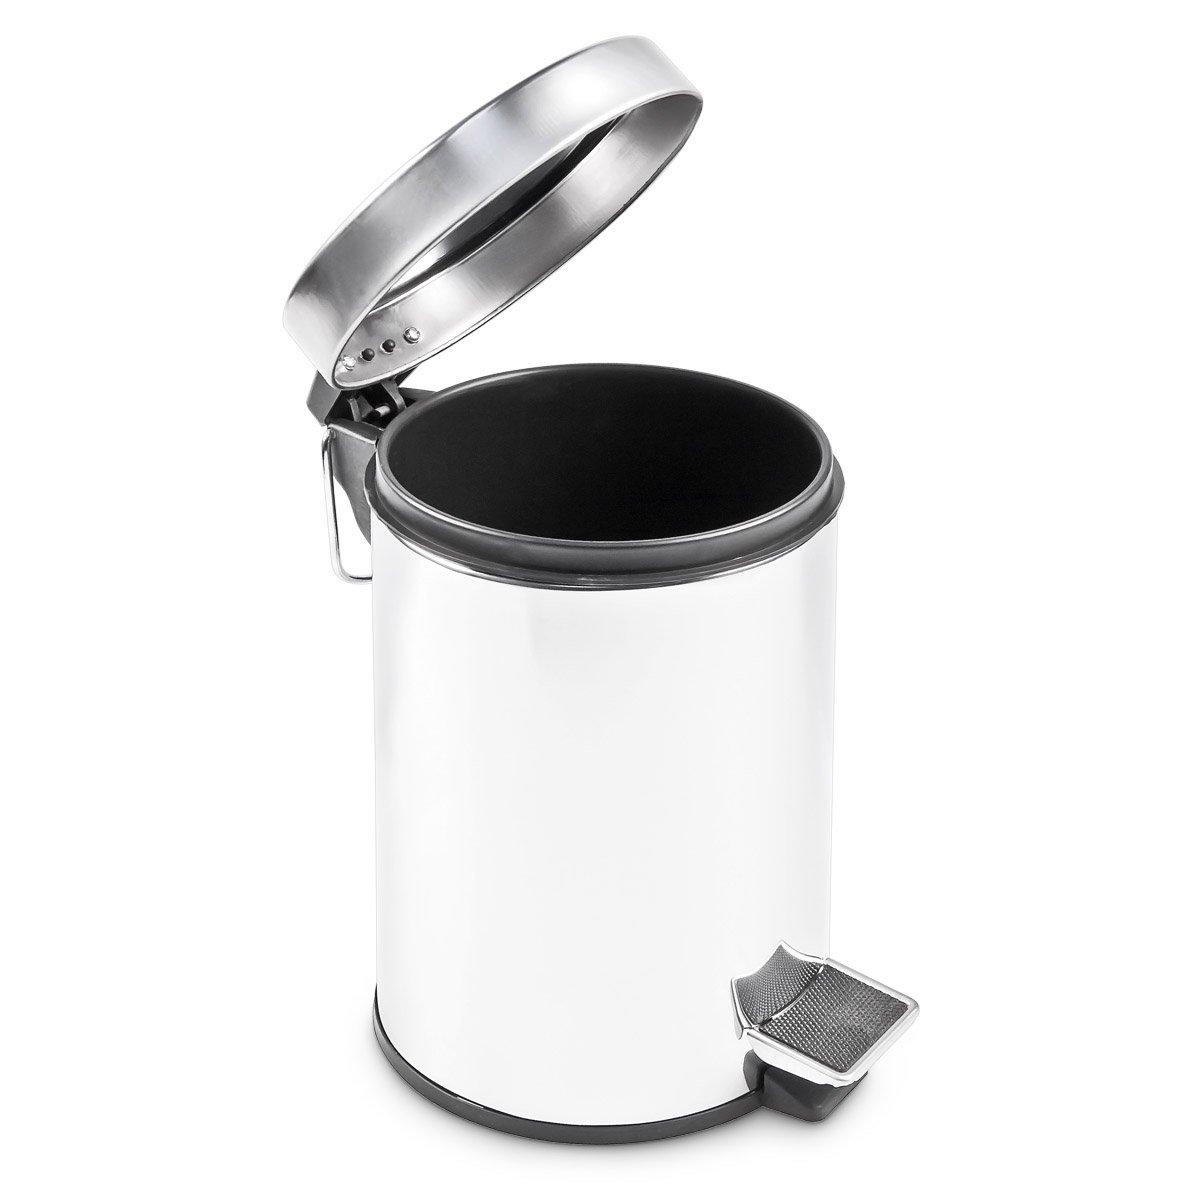 gris argent/é Relaxdays Poubelle en inox ronde /à p/édale 5 litres vide-ordures Seau plastique amovible poign/ée transport H x D 27 x 20,5 cm acier inoxydable optique m/étal cuisine salle de bain